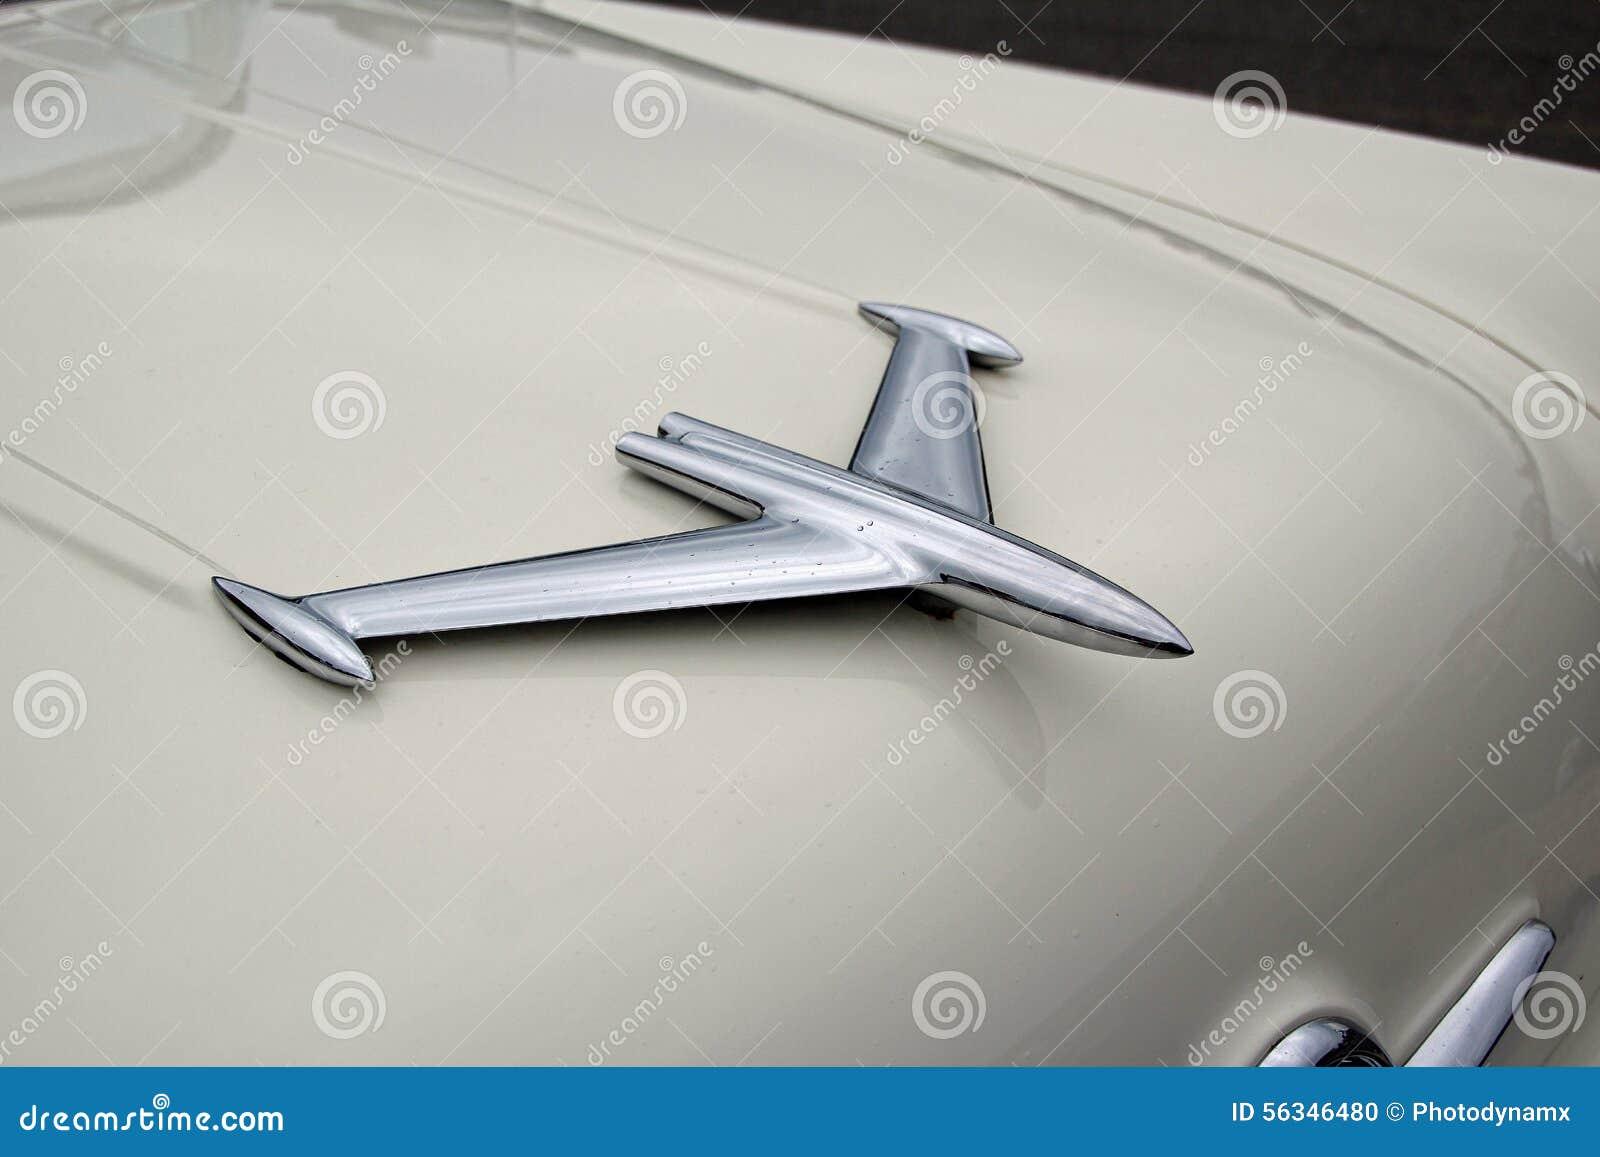 oldsmobile rocket mascot stock photo image of symbol